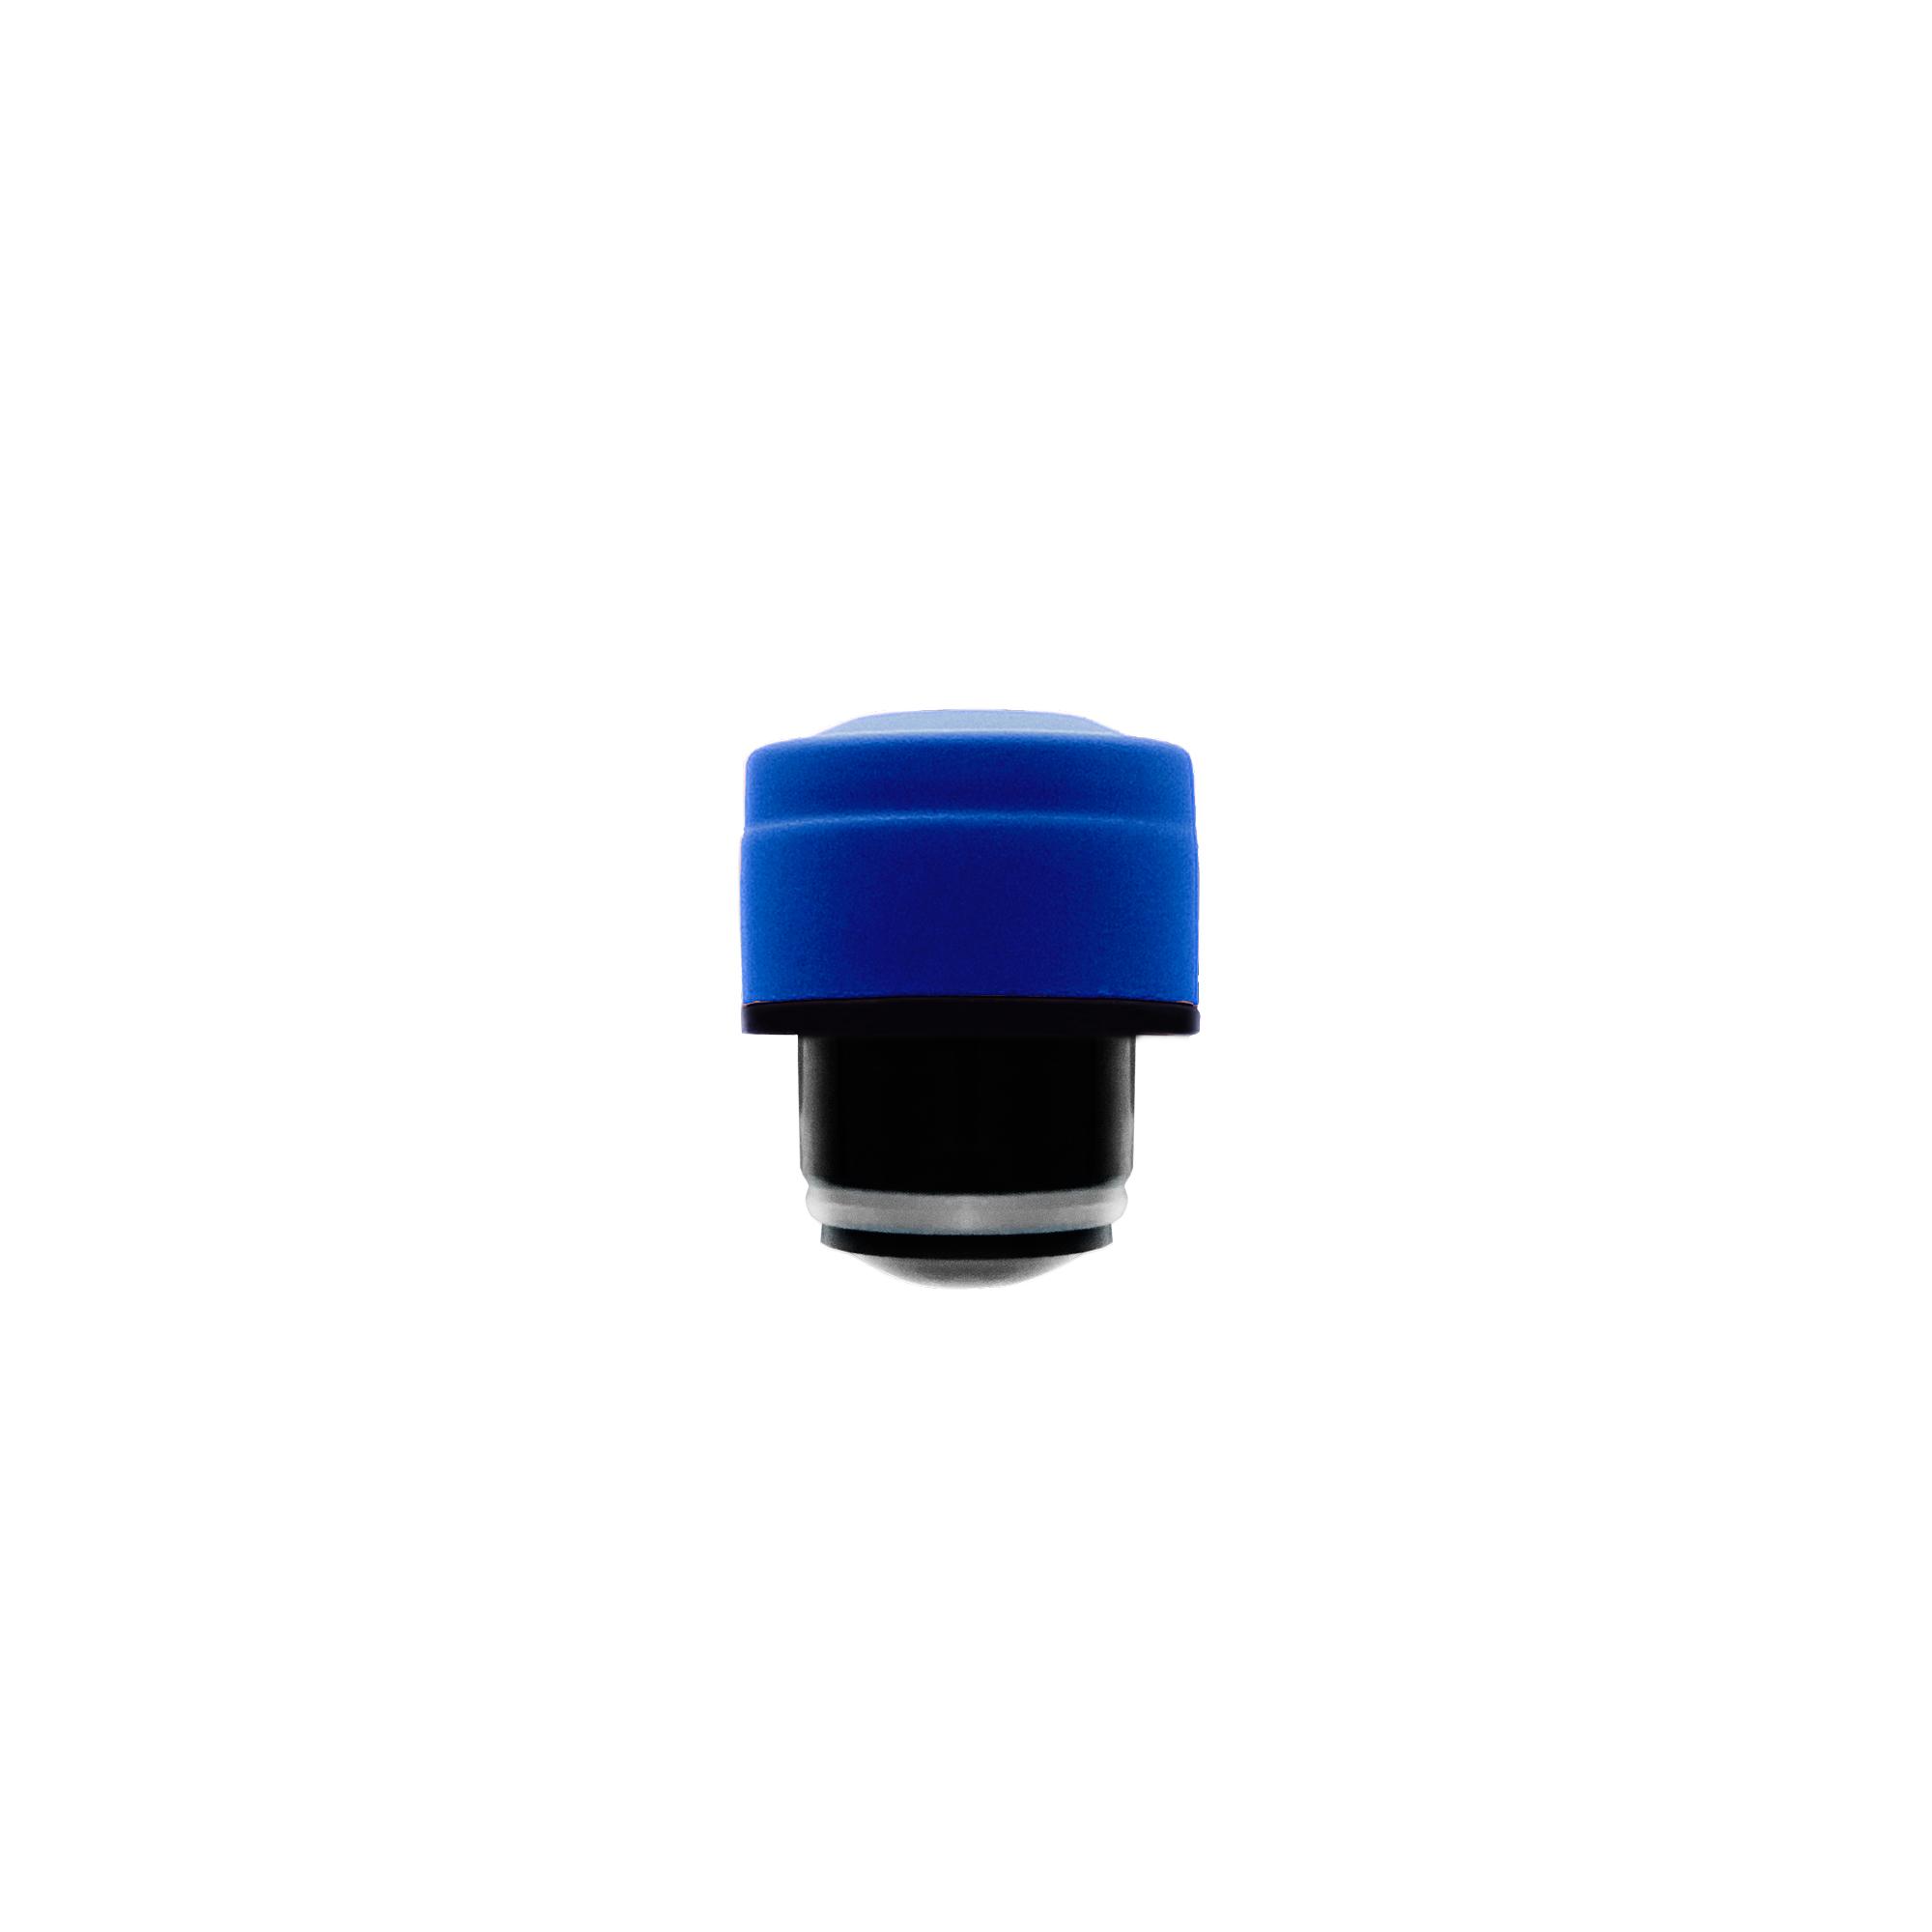 Tú botella de acero inoxidable - Tapón Vivid Blue 10